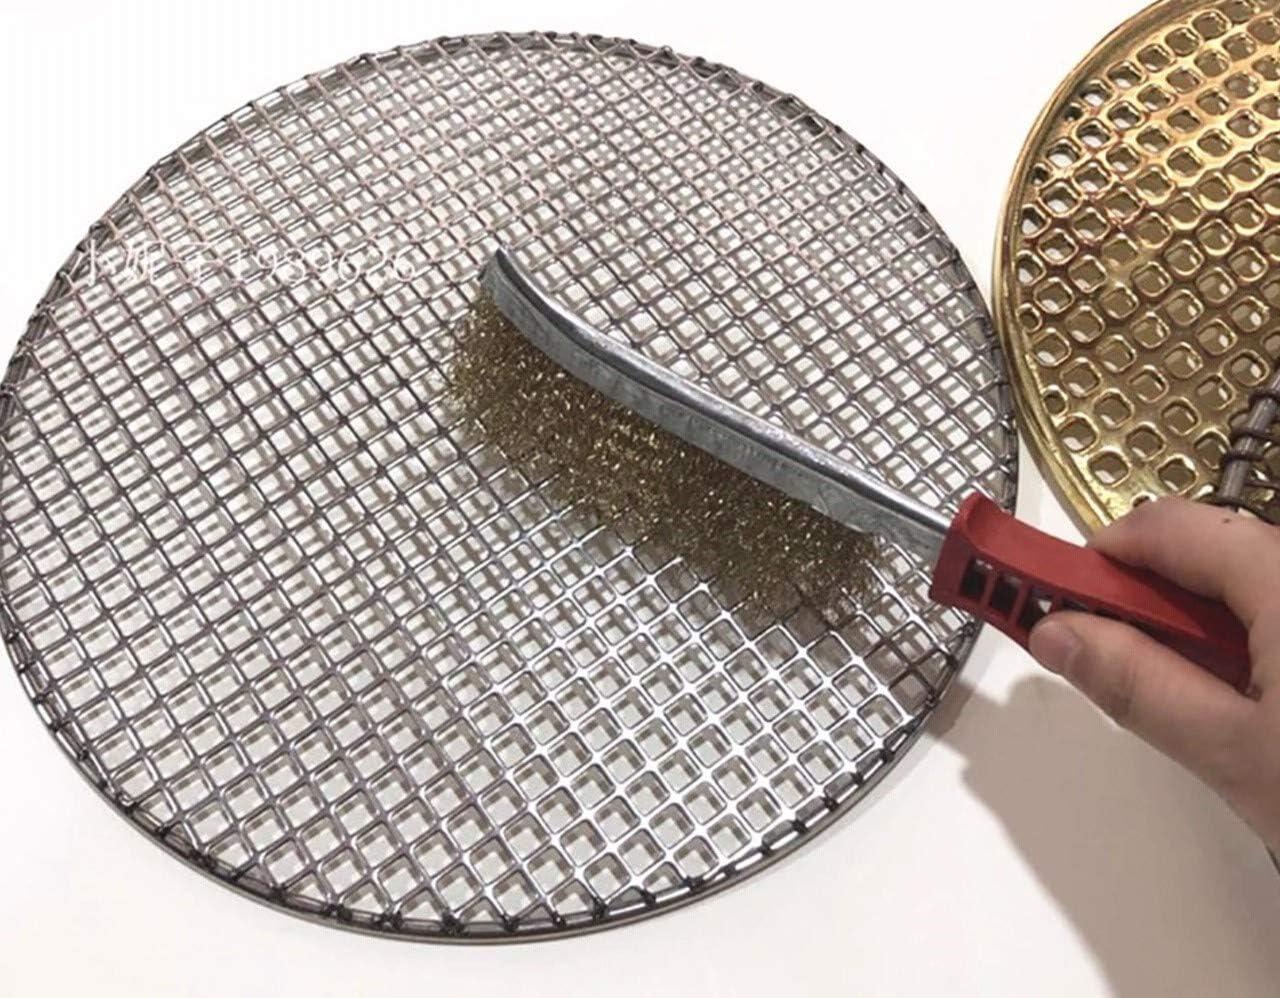 Brosse /à main m/étallique convexe 1 rang laiton alliages acier Brossage et nettoyage m/étaux non ferreux Kibros 8SPIVL bois et mat/ériaux creux SKRIB